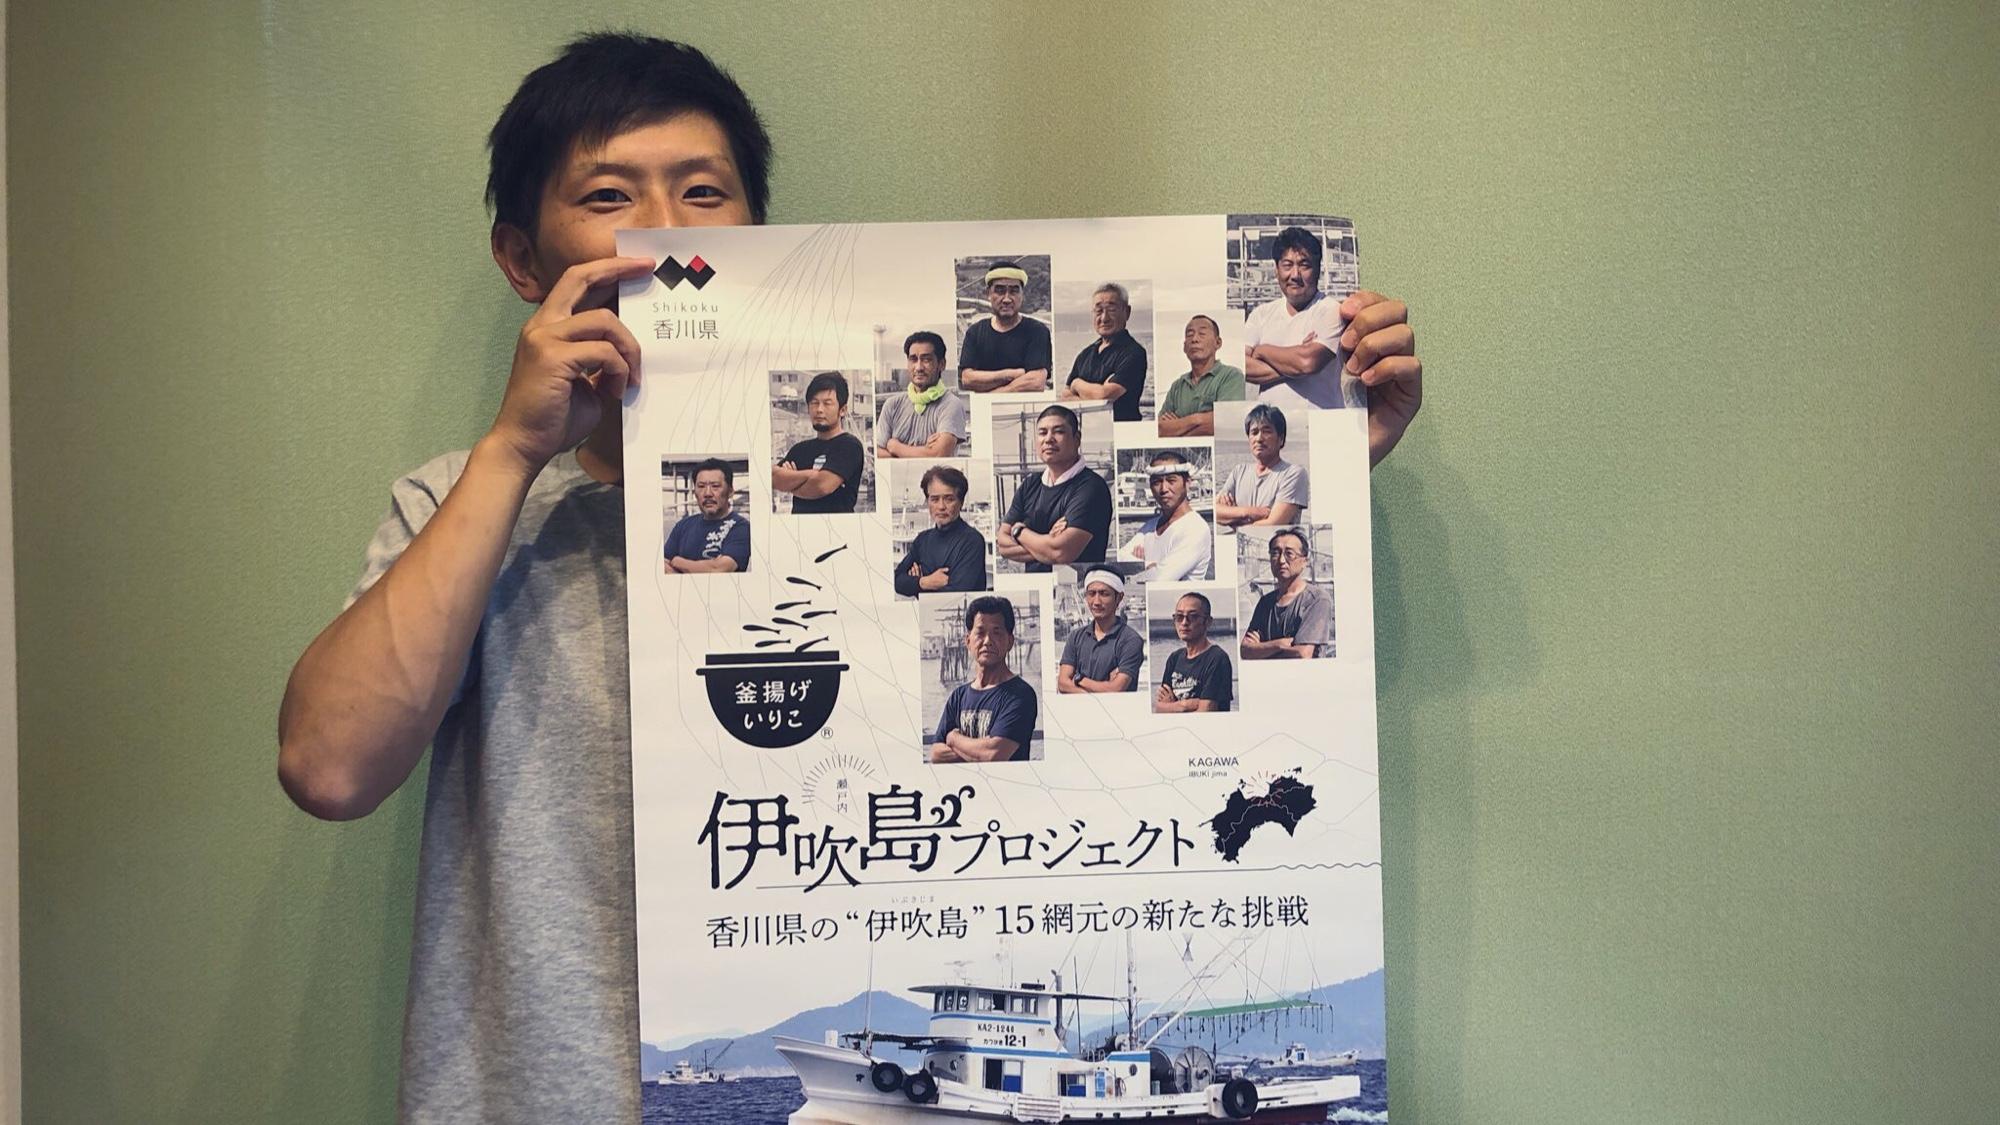 香川県栄養士会総会の企業ブースにて